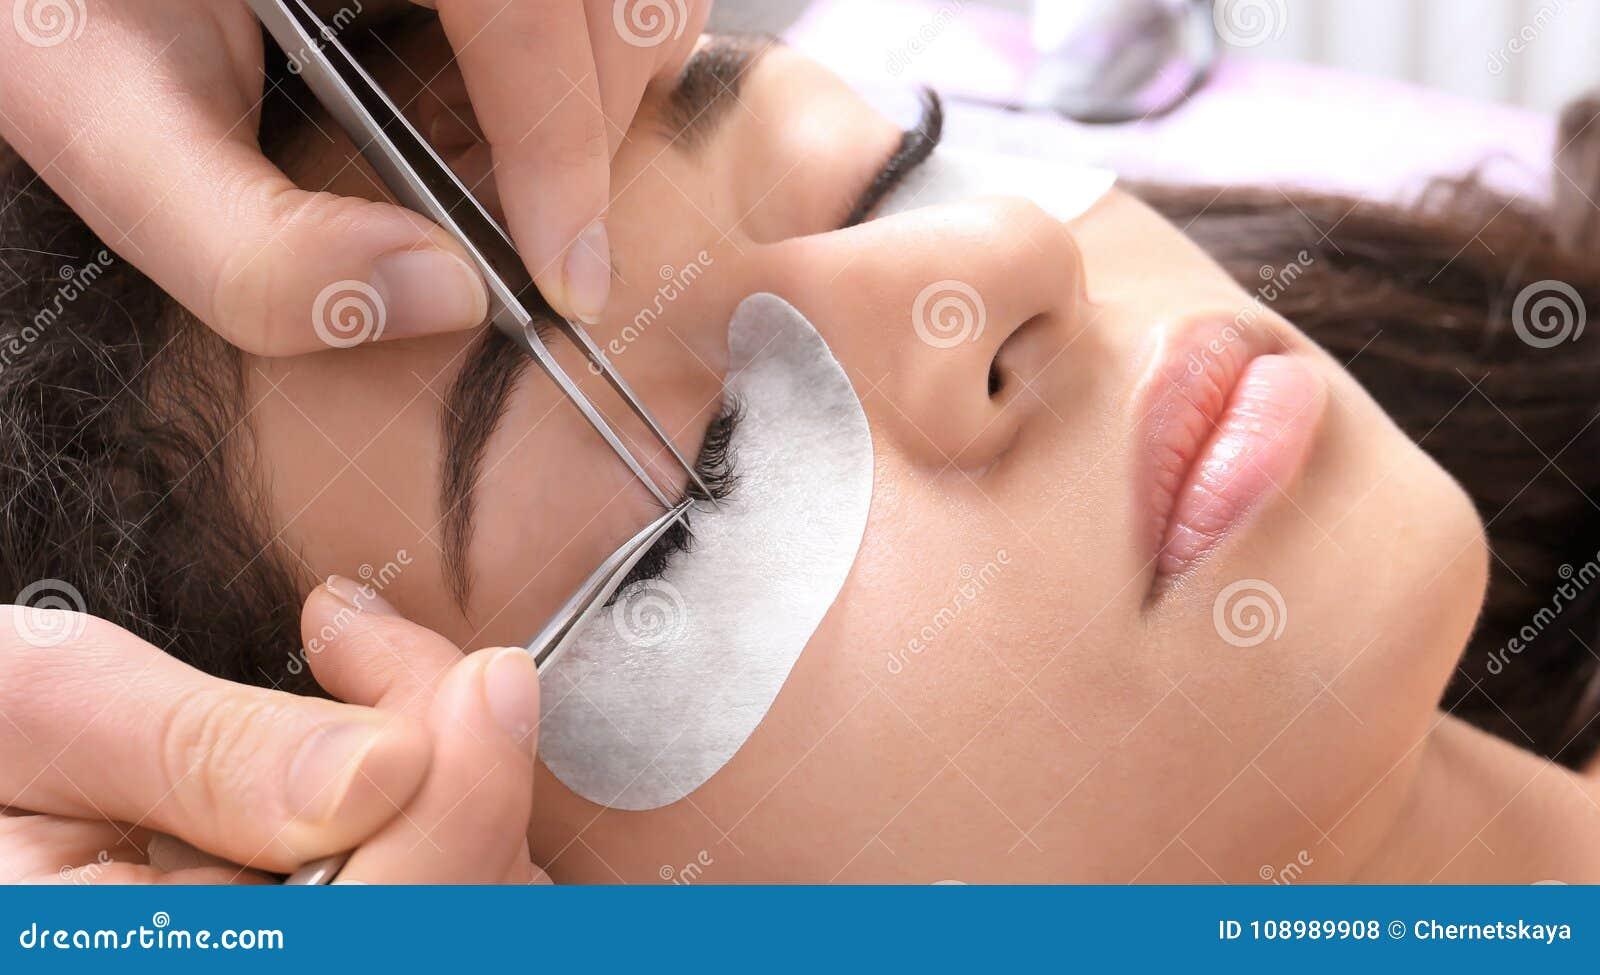 Mujer joven que experimenta procedimiento de las extensiones de la pestaña,